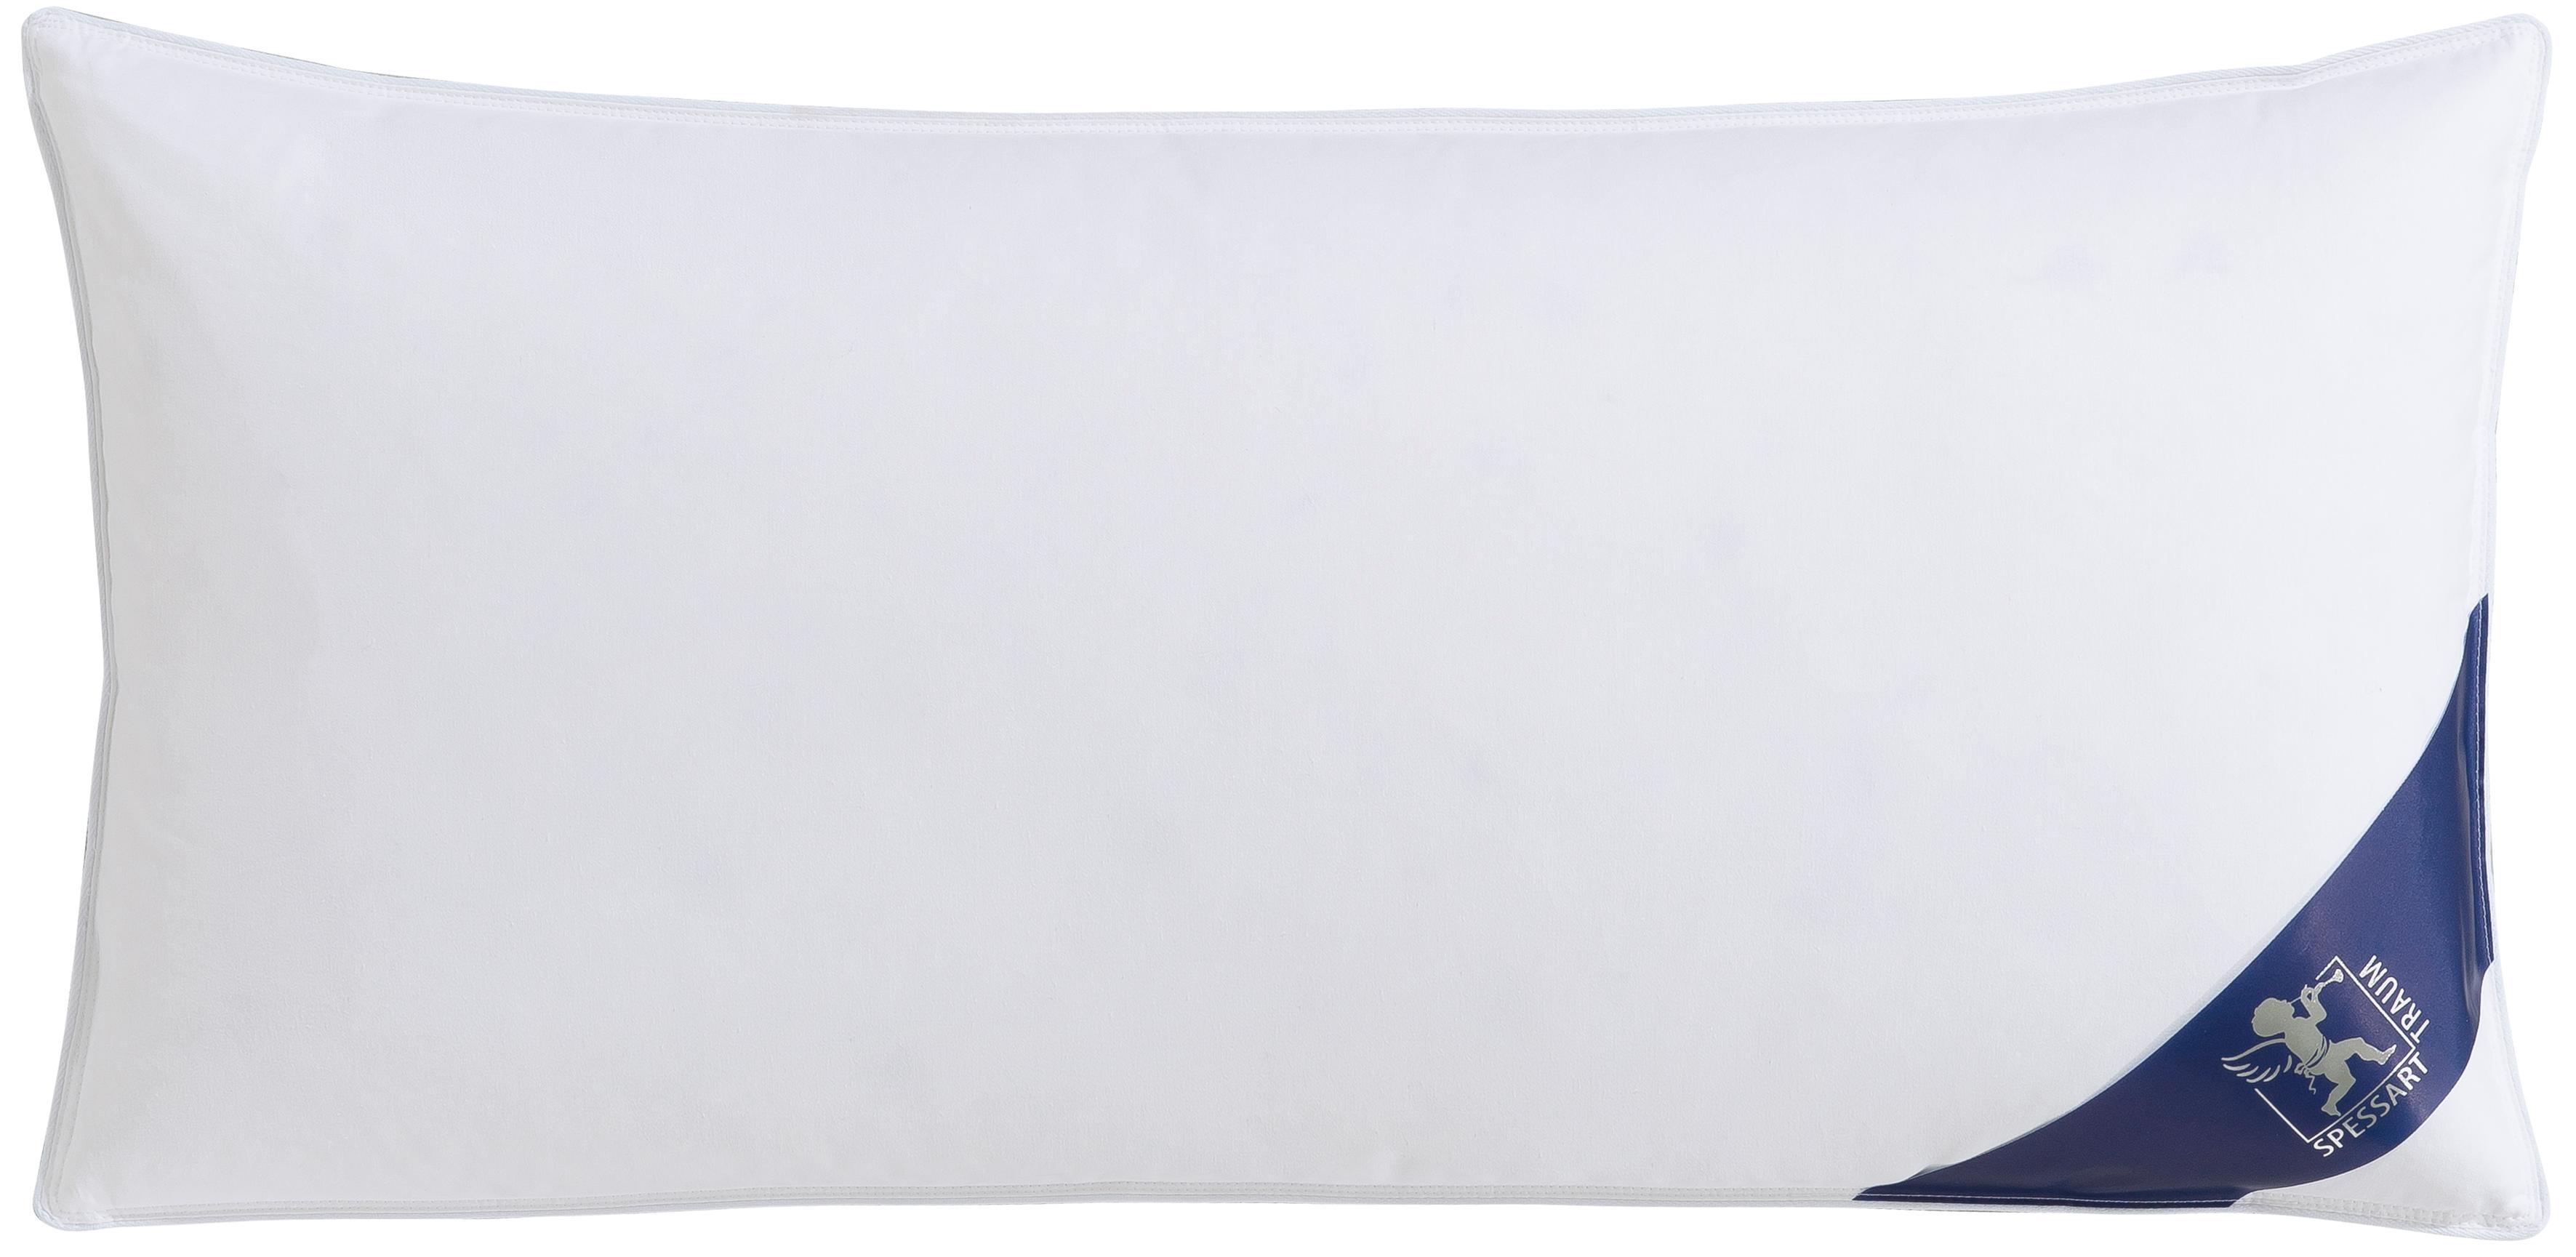 3-Kammer-Kopfkissen Premium SPESSARTTRAUM Bezug: 100% Baumwolle